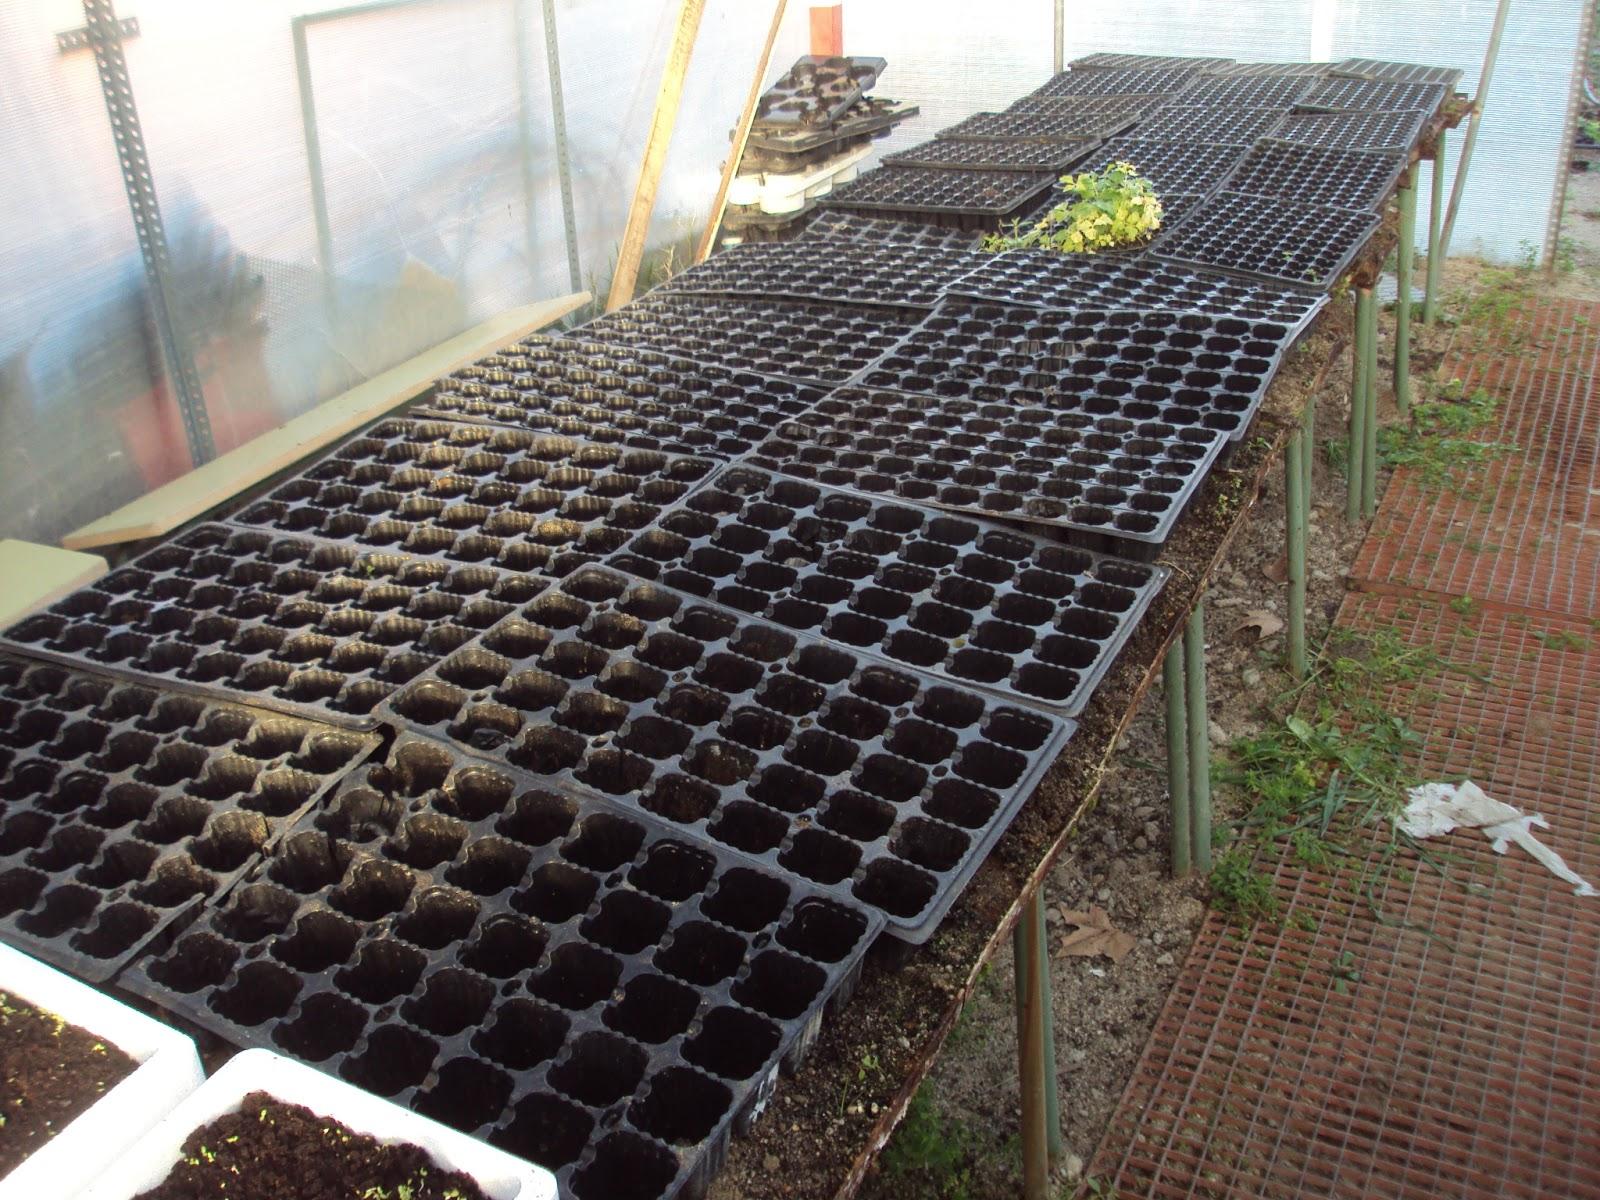 semilleros en el invernadero